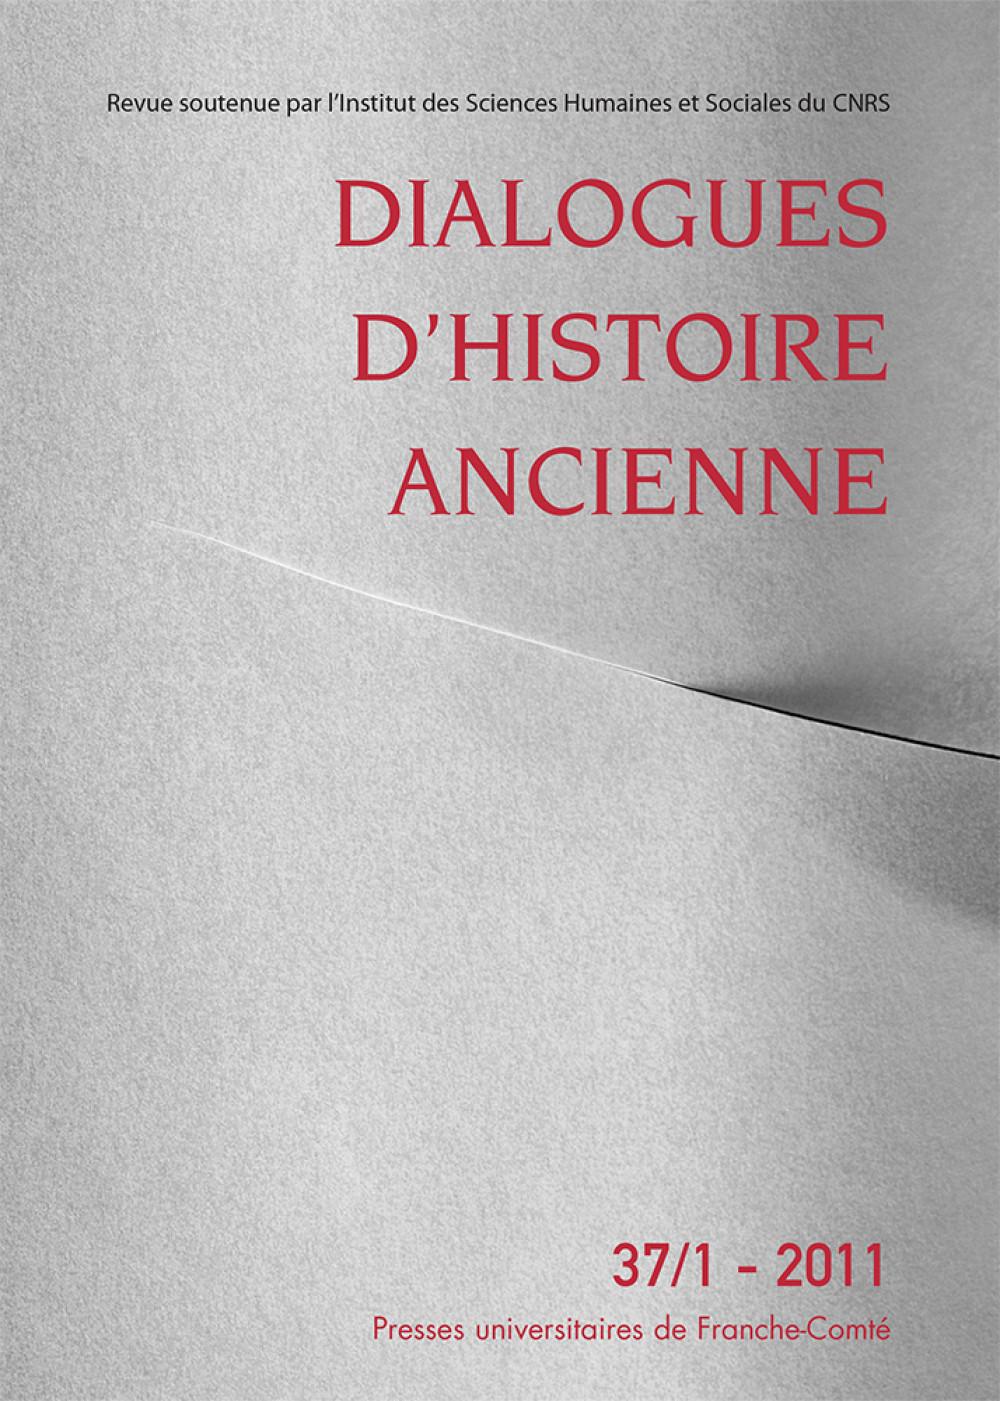 Dialogues d'Histoire Ancienne 37/1